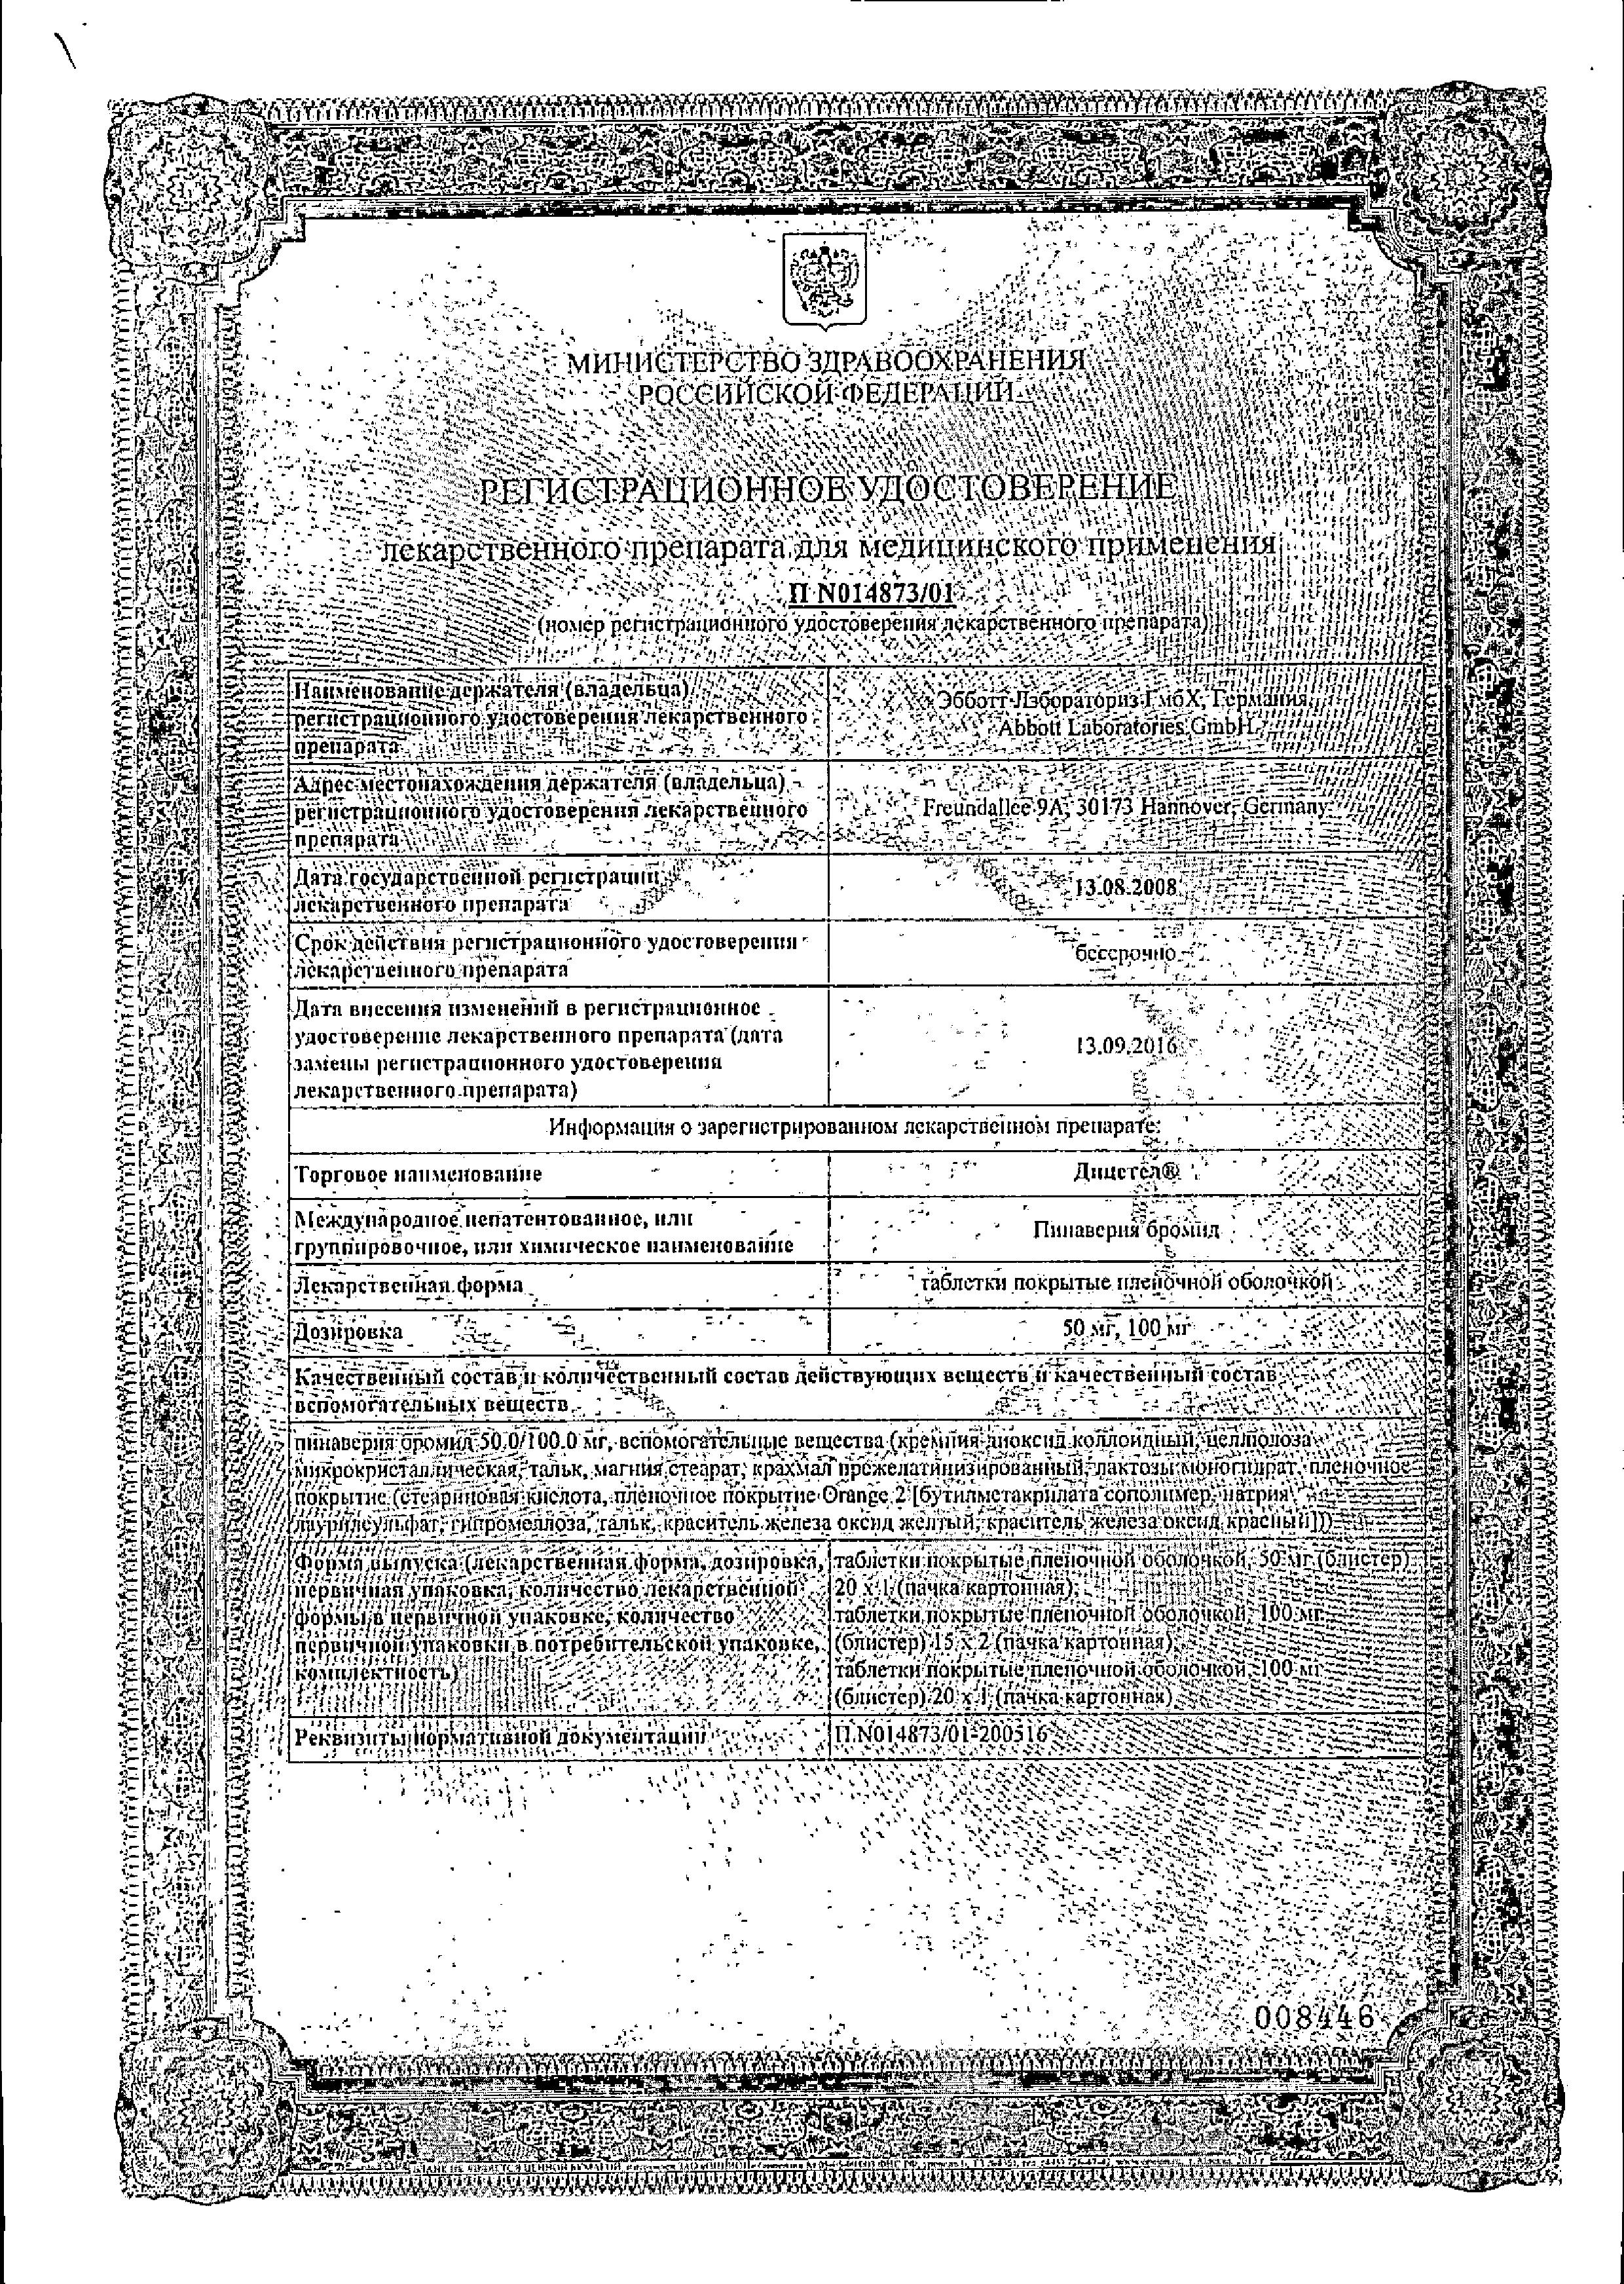 Дицетел сертификат